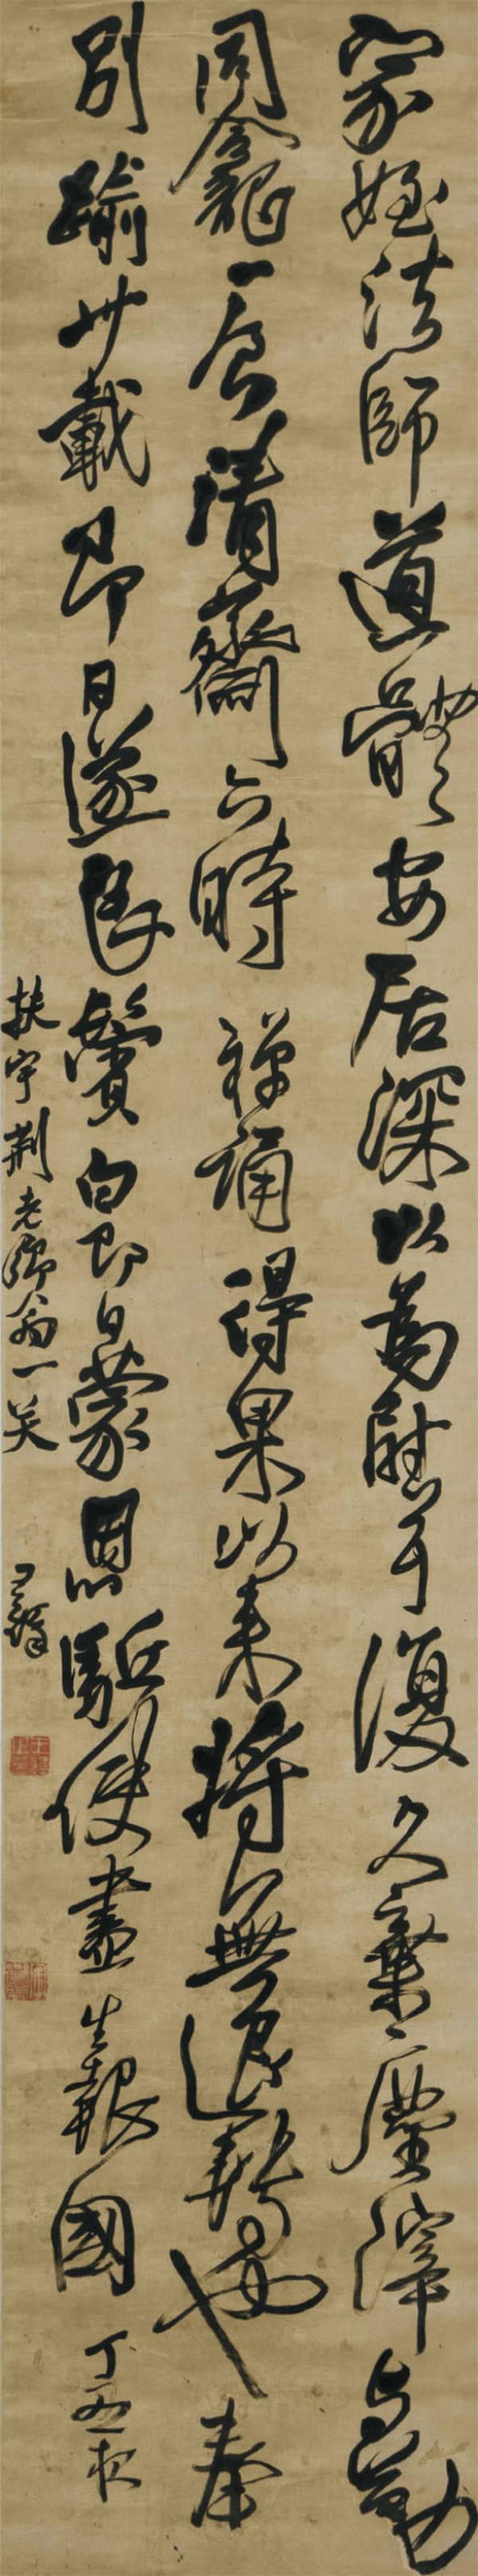 王铎(1592-1652)-行书 作品下载